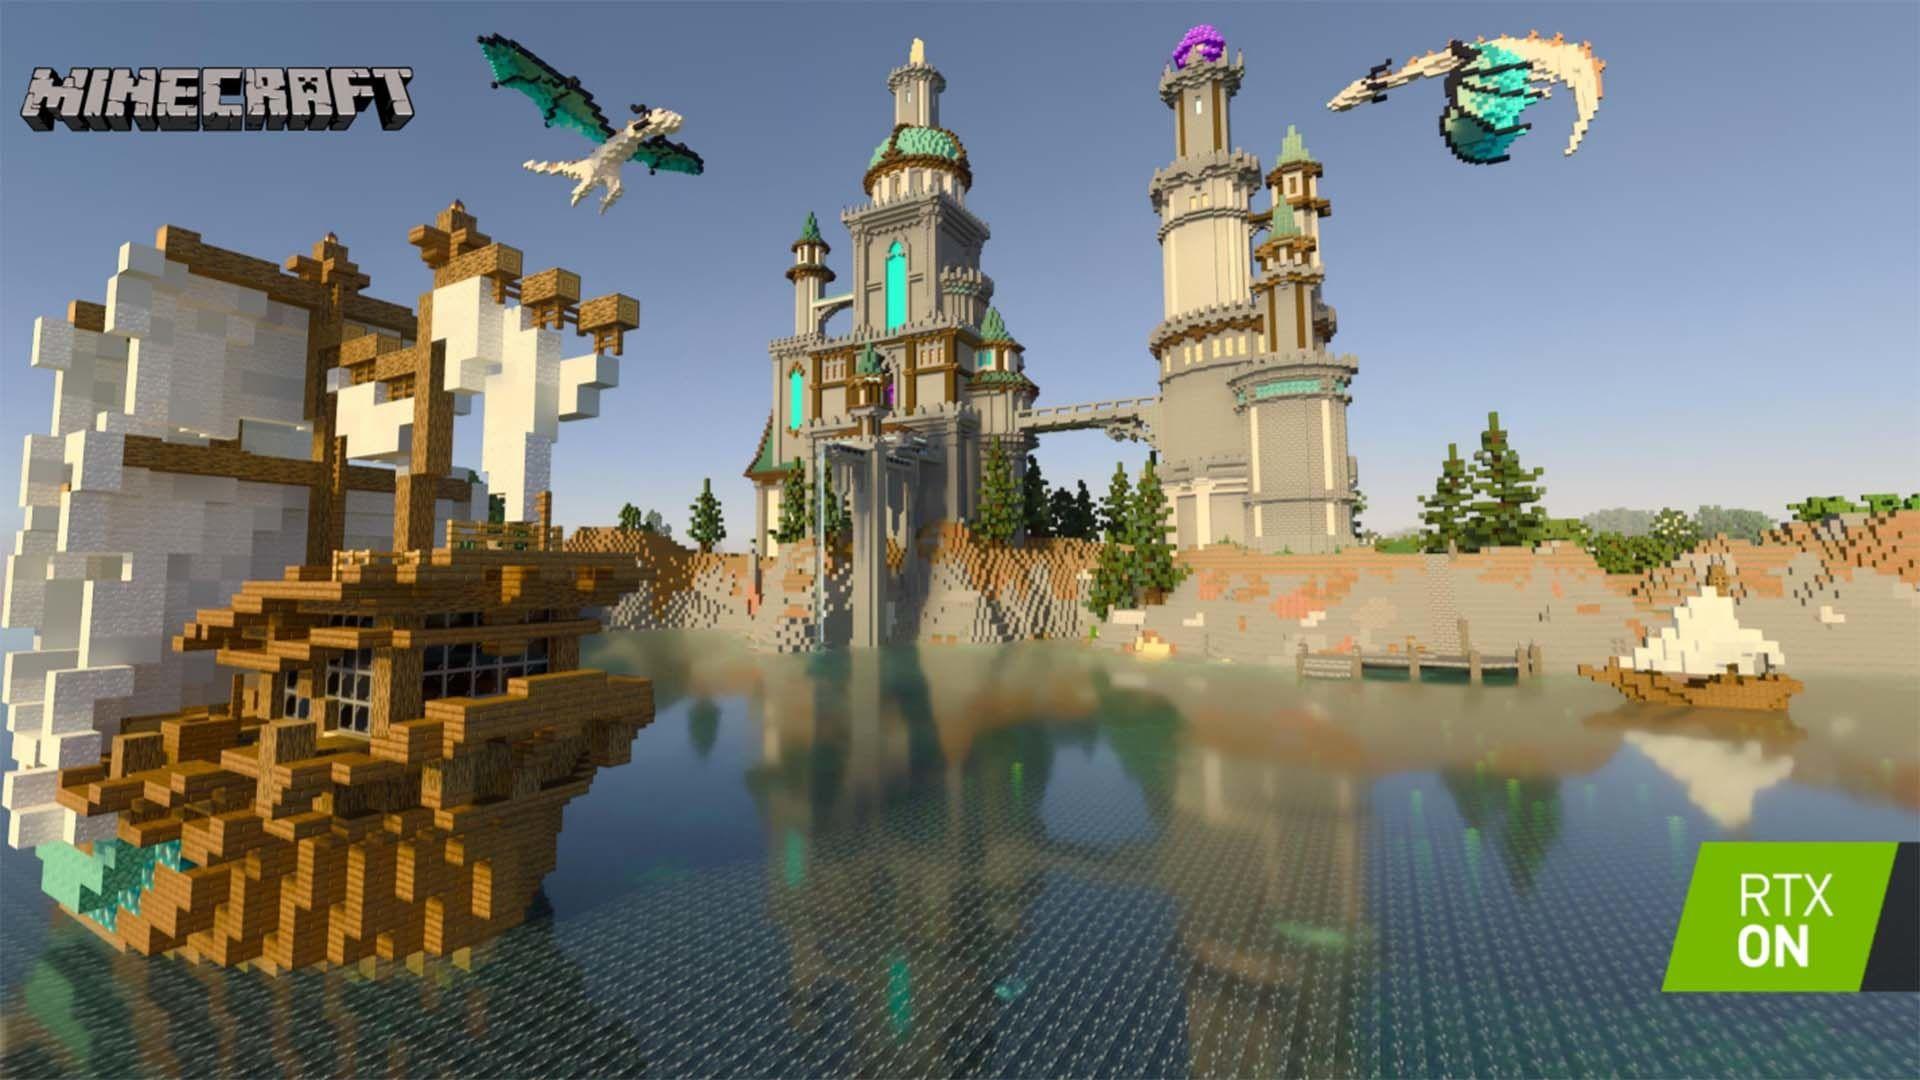 Minecraft : découverte du mode RTX